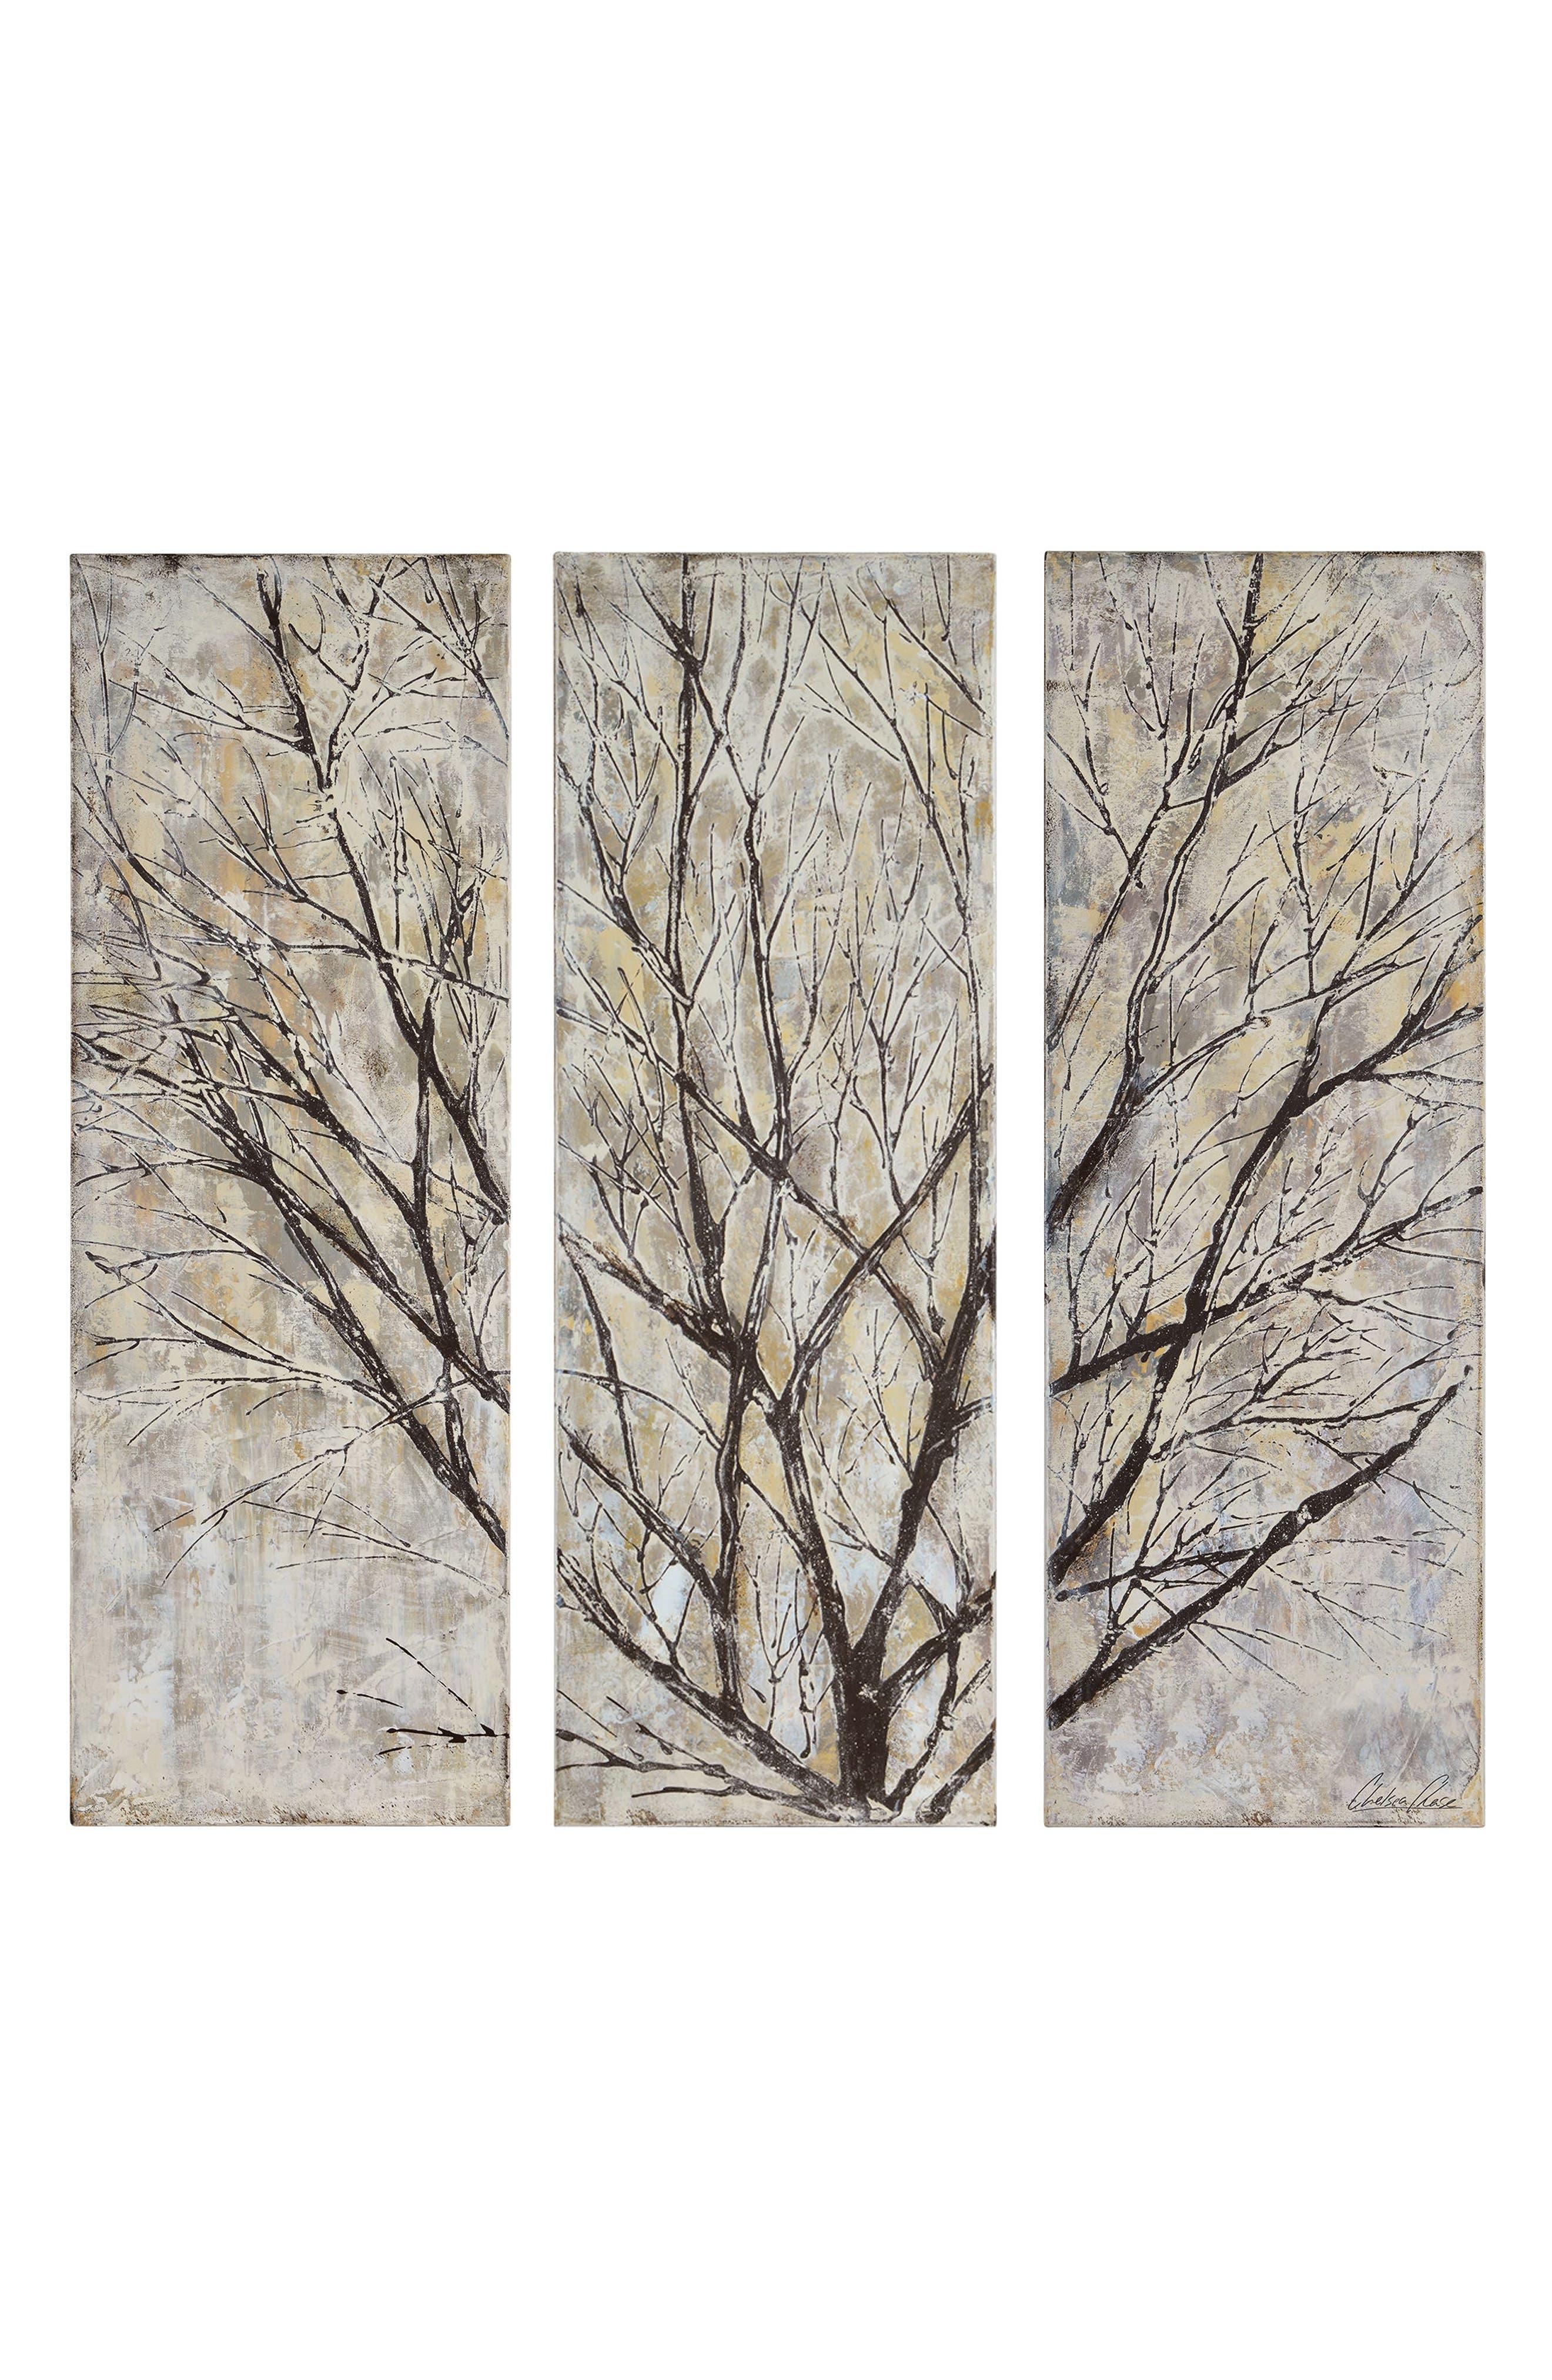 Spring Creek Three-Panel Canvas Wall Art,                             Main thumbnail 1, color,                             250